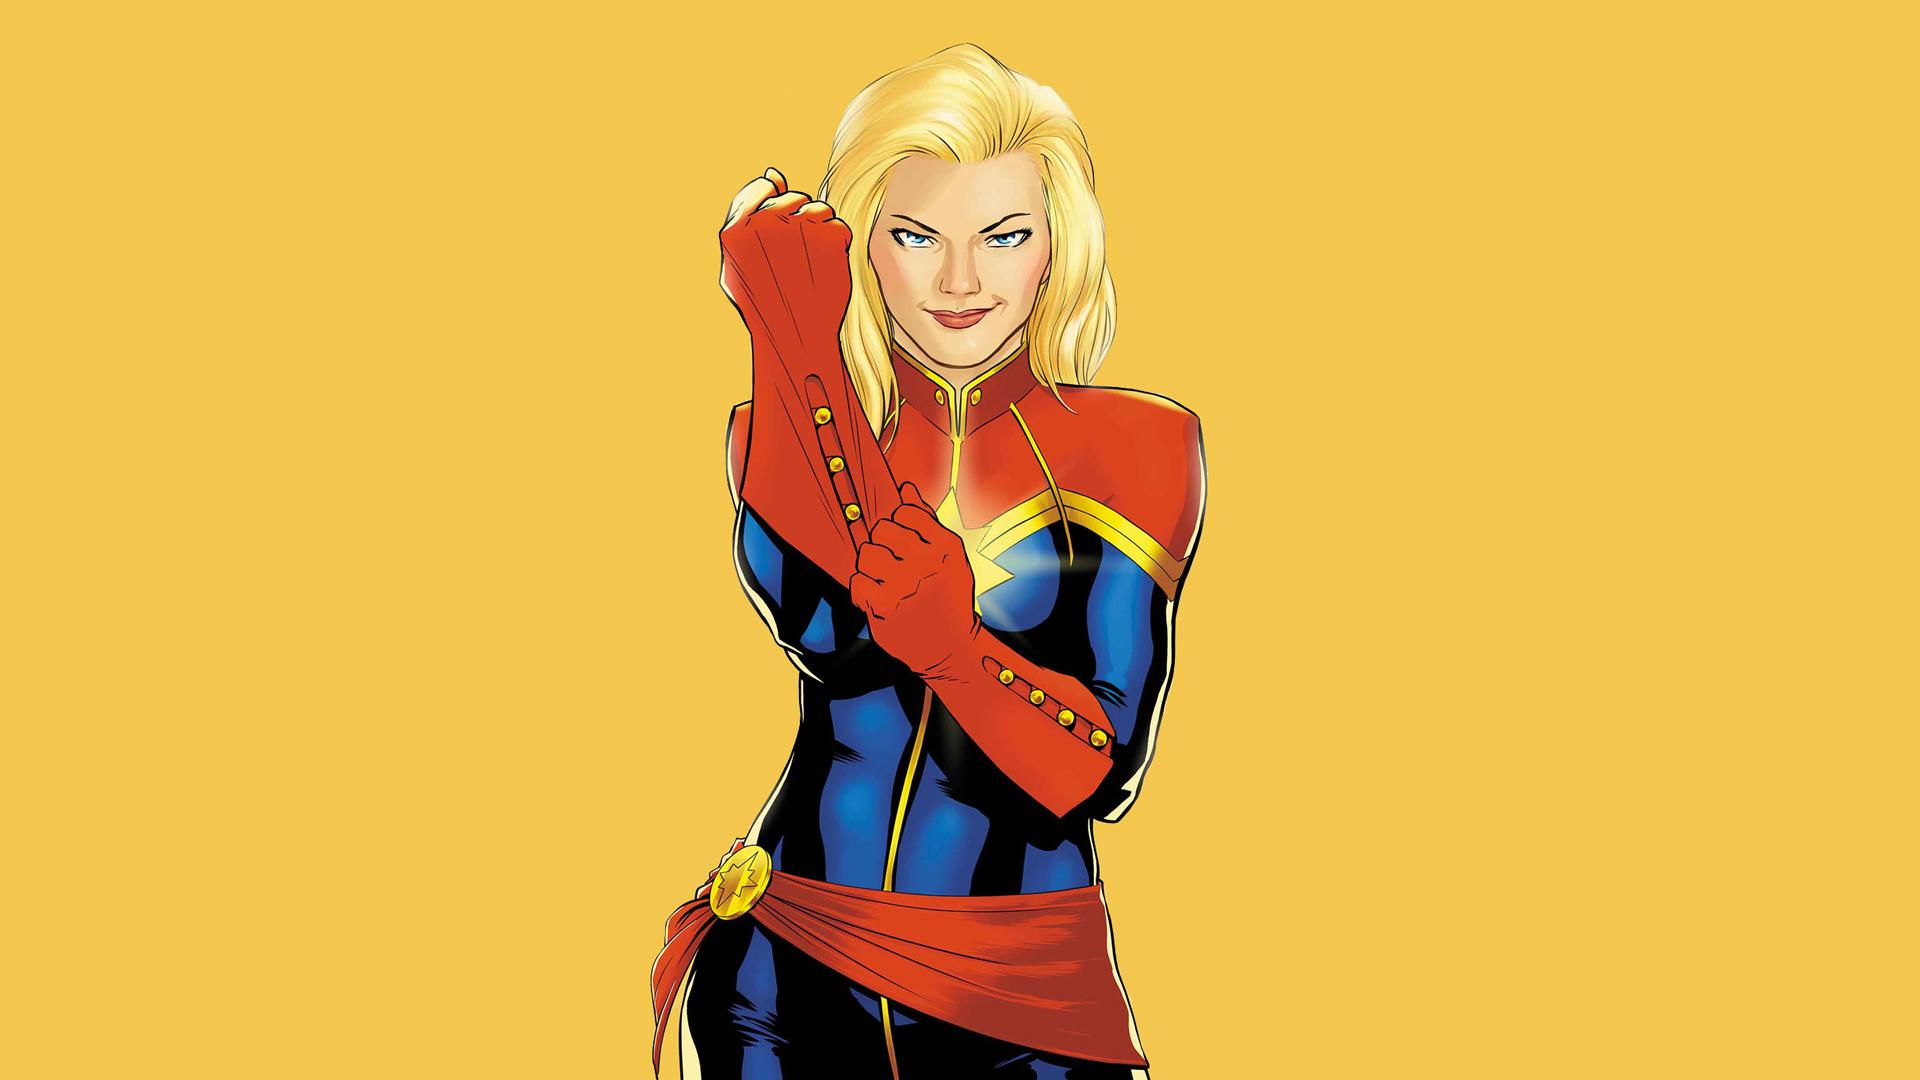 Diretores confirmam (sem querer) Capitã Marvel em Vingadores